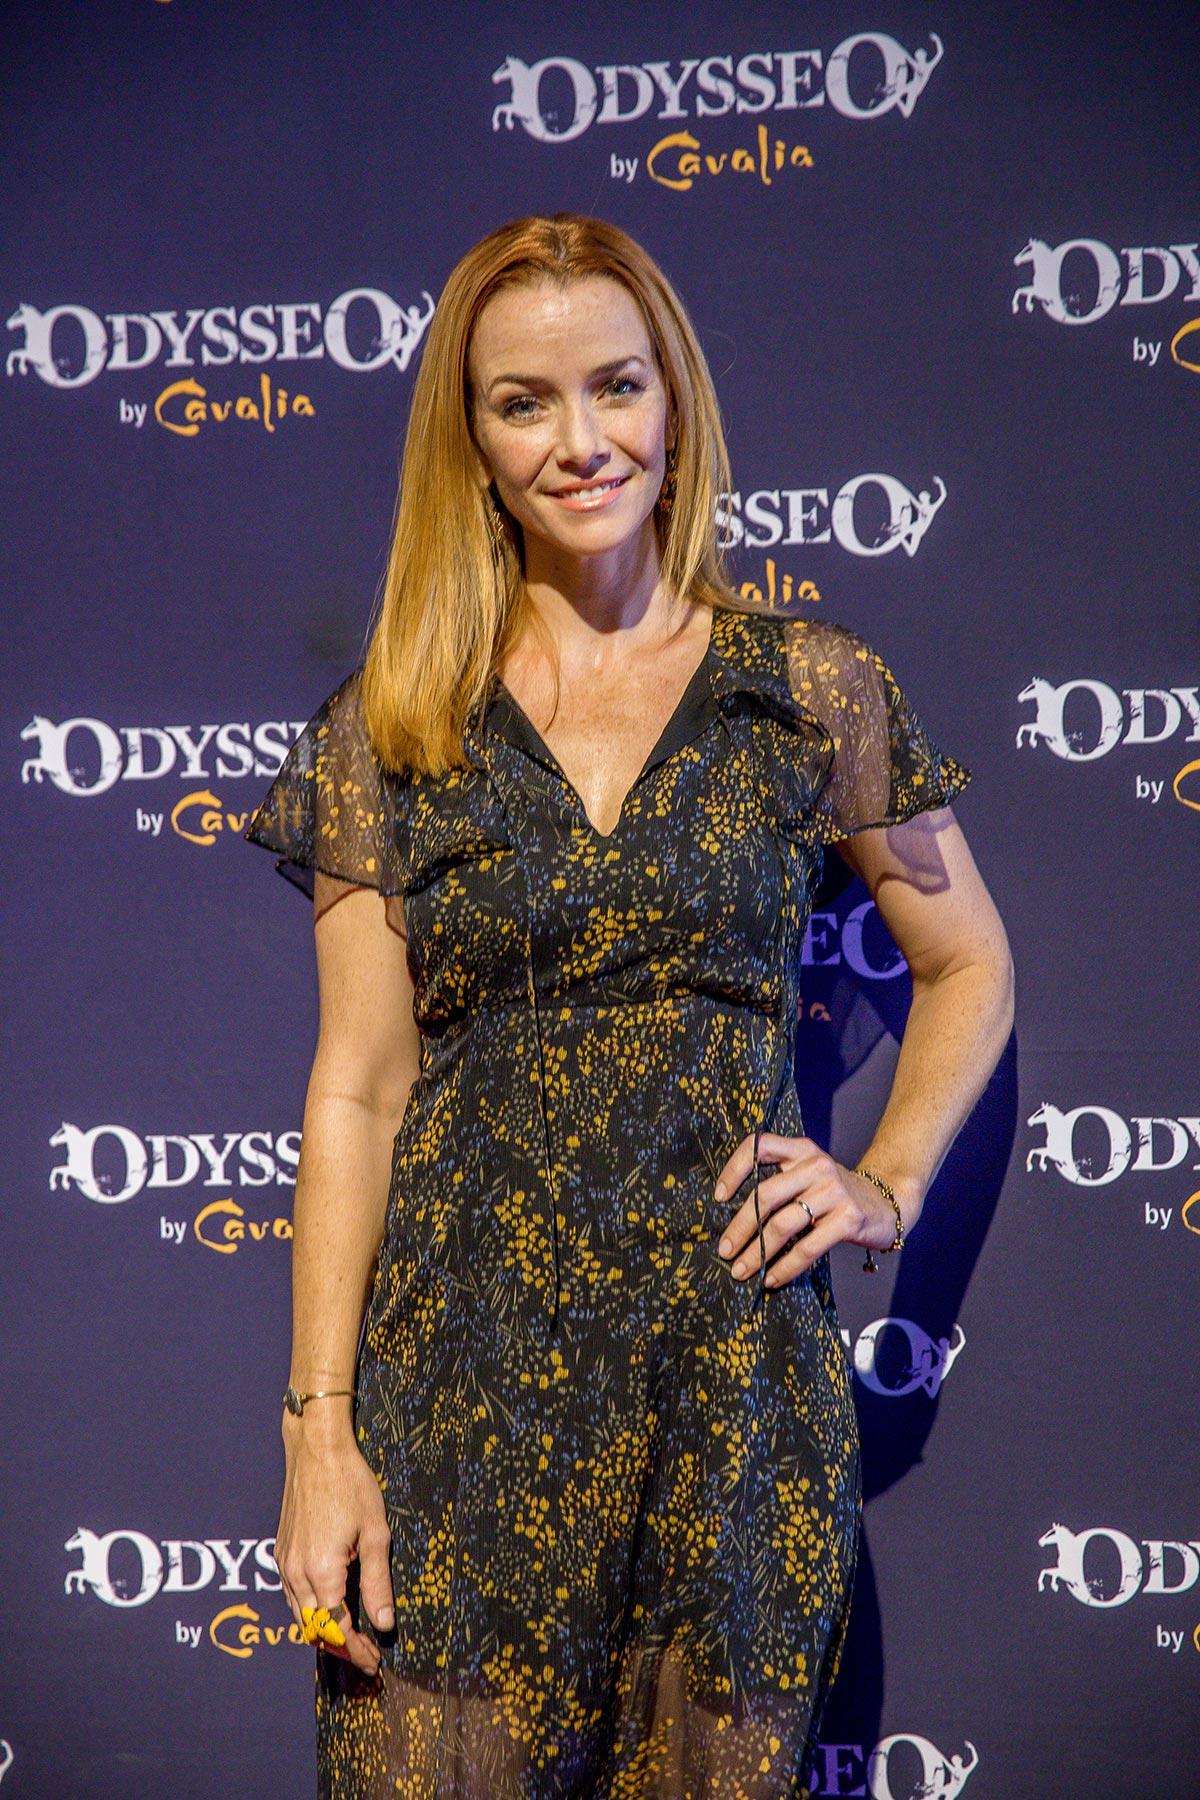 5 Actress Annie Wersching Attending Cavalia Odysseo